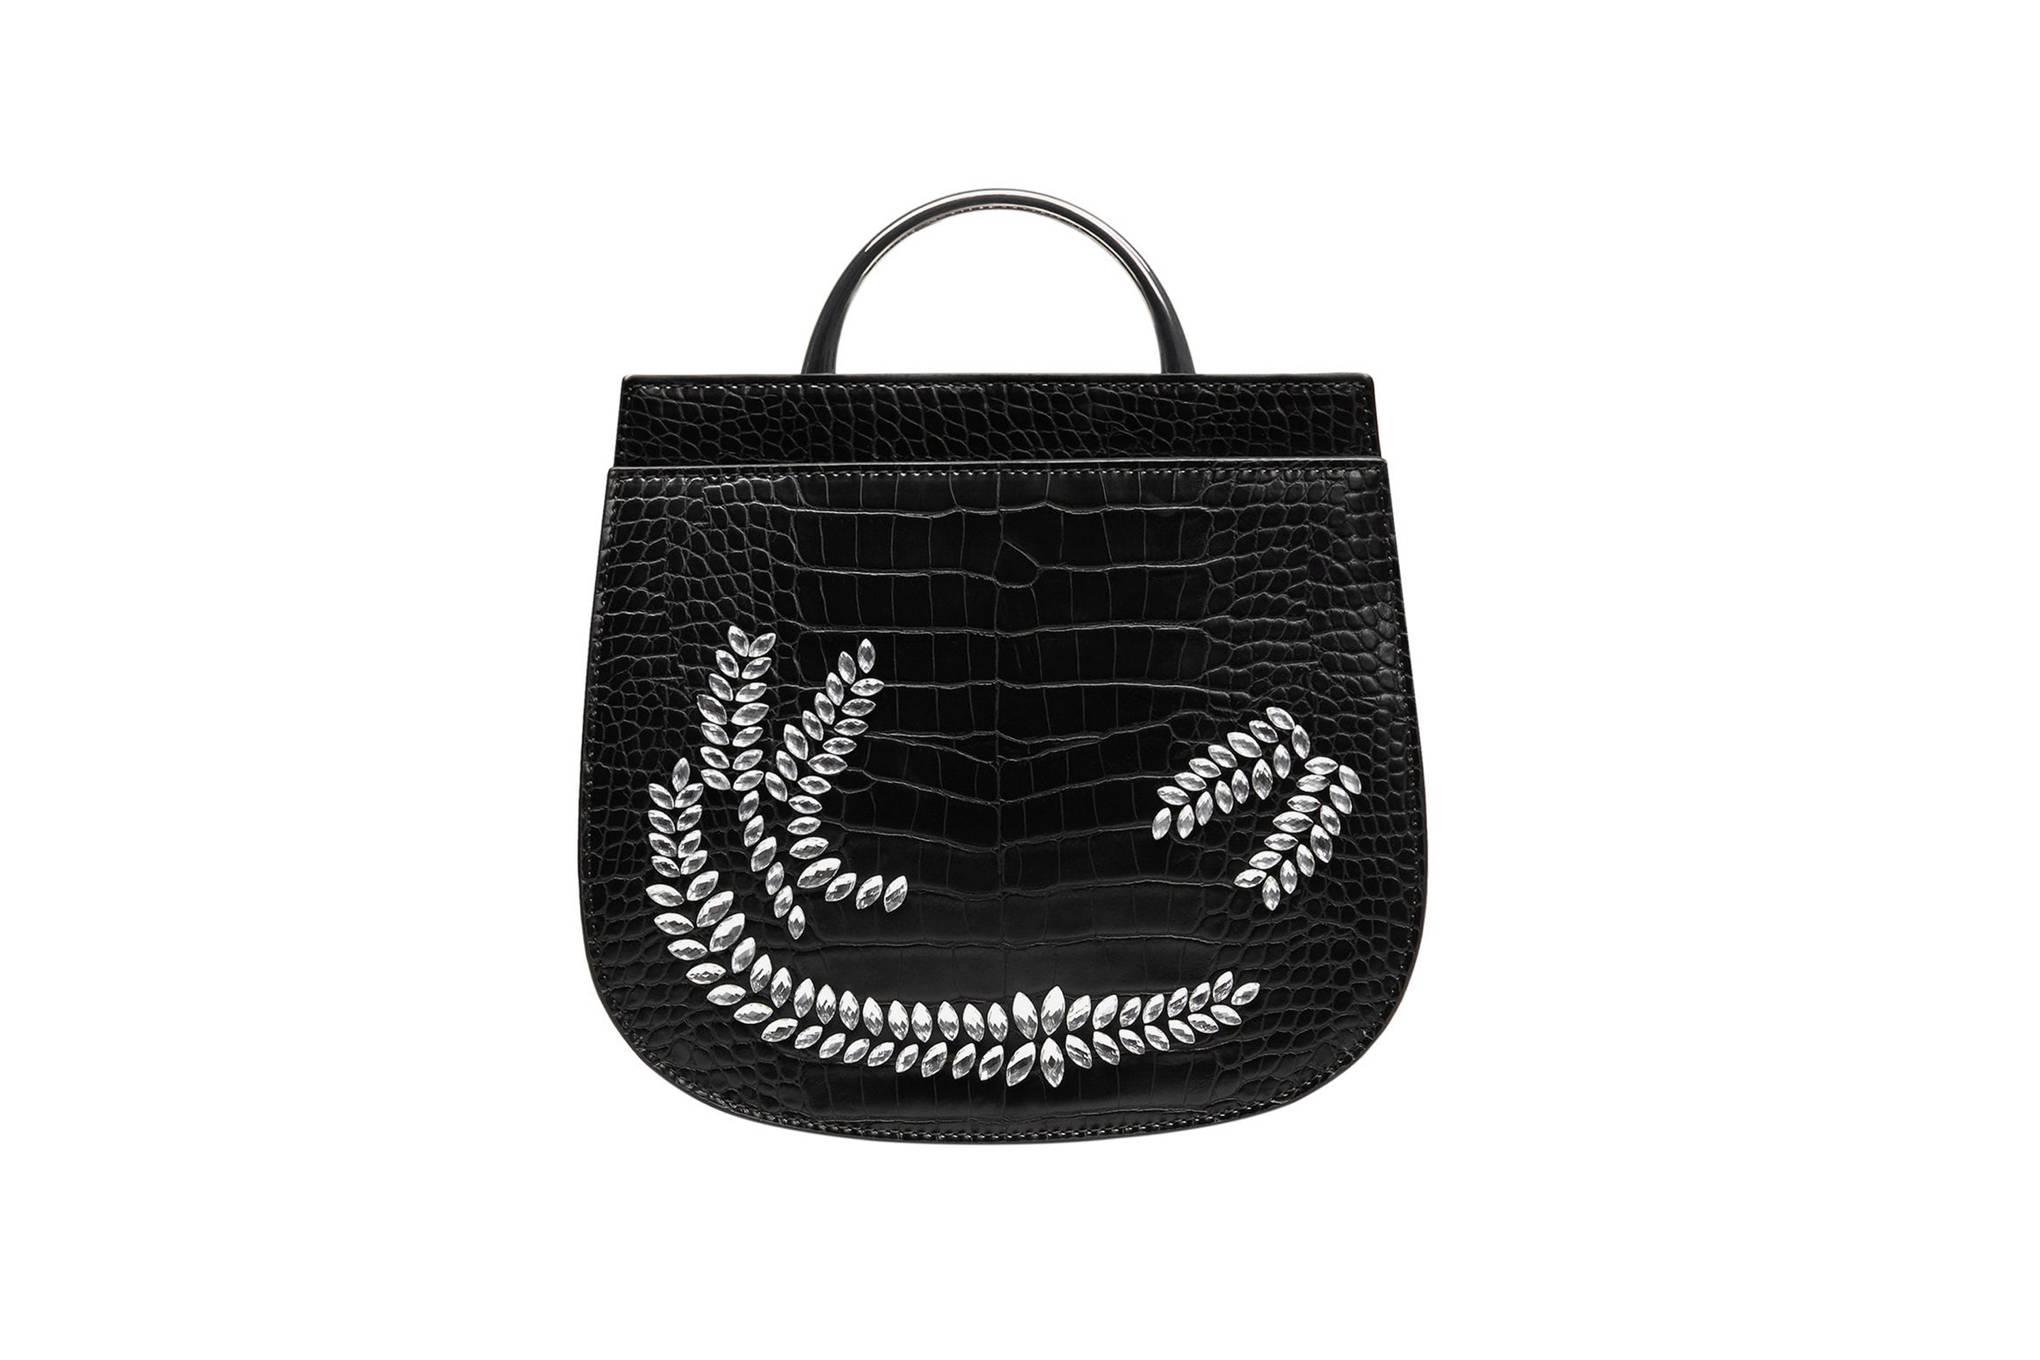 6e0b77ec30d Best Top-Handle Bags 2017 | British Vogue